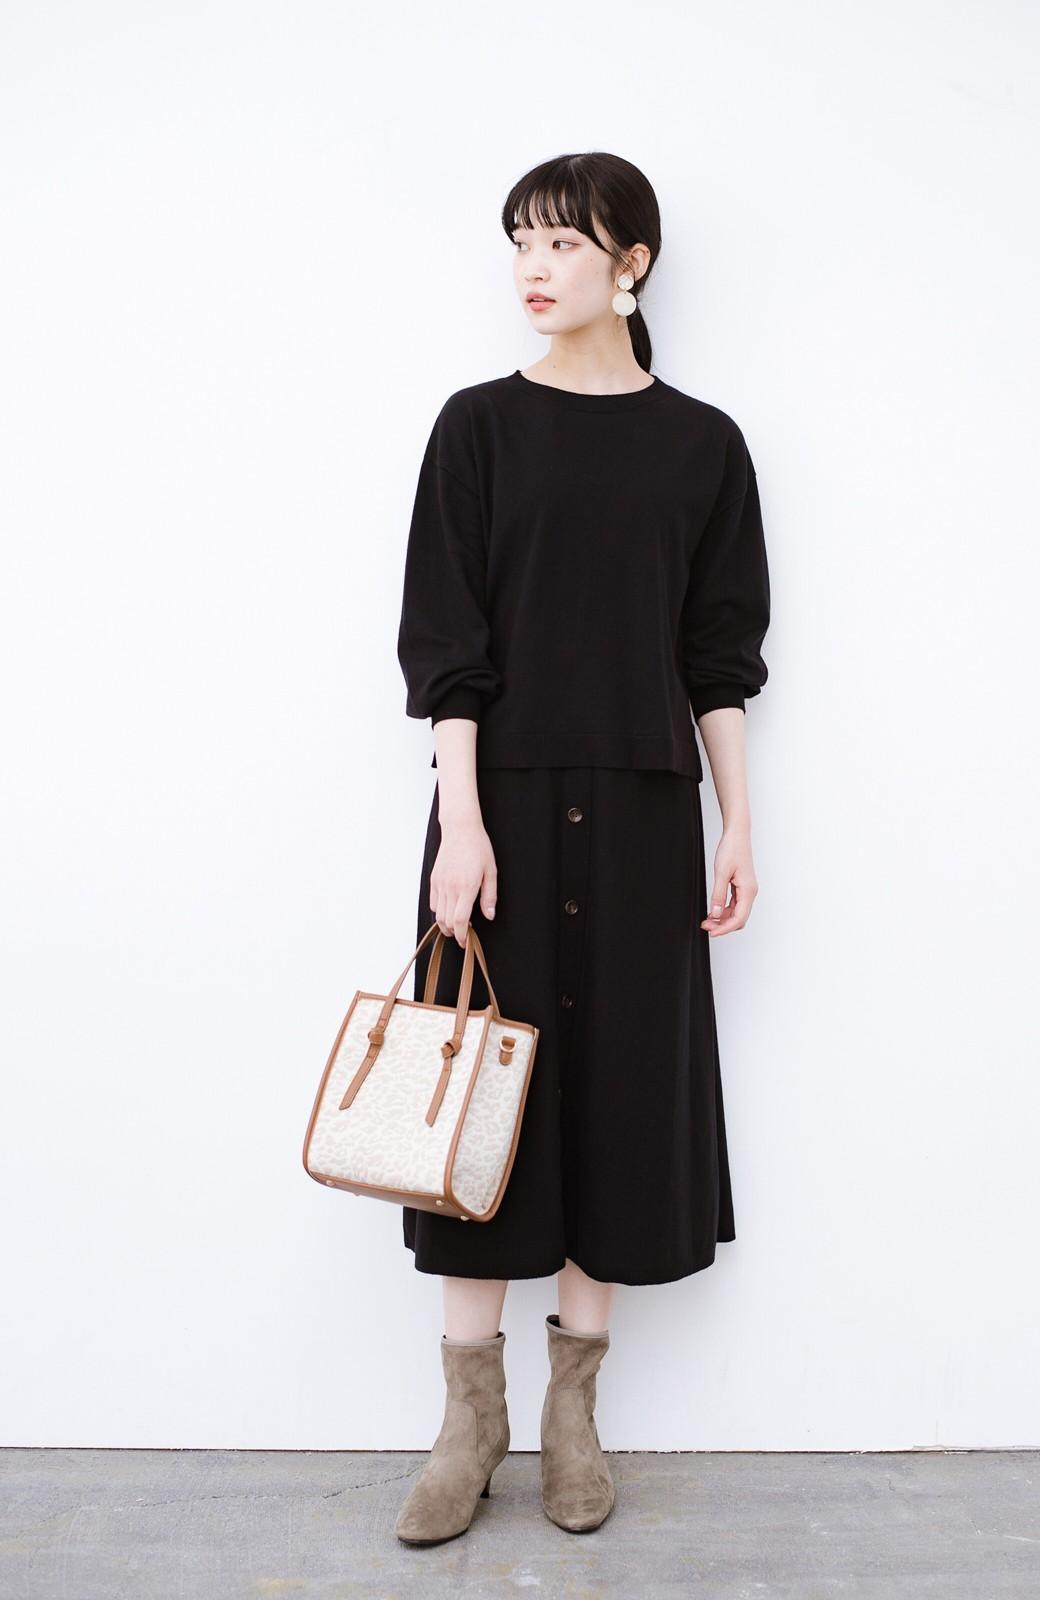 haco! デニムにもスカートにも似合う!すぽっと履けてスタイルアップが叶う女っぽフェイクスエードブーツ <ブラウン>の商品写真11